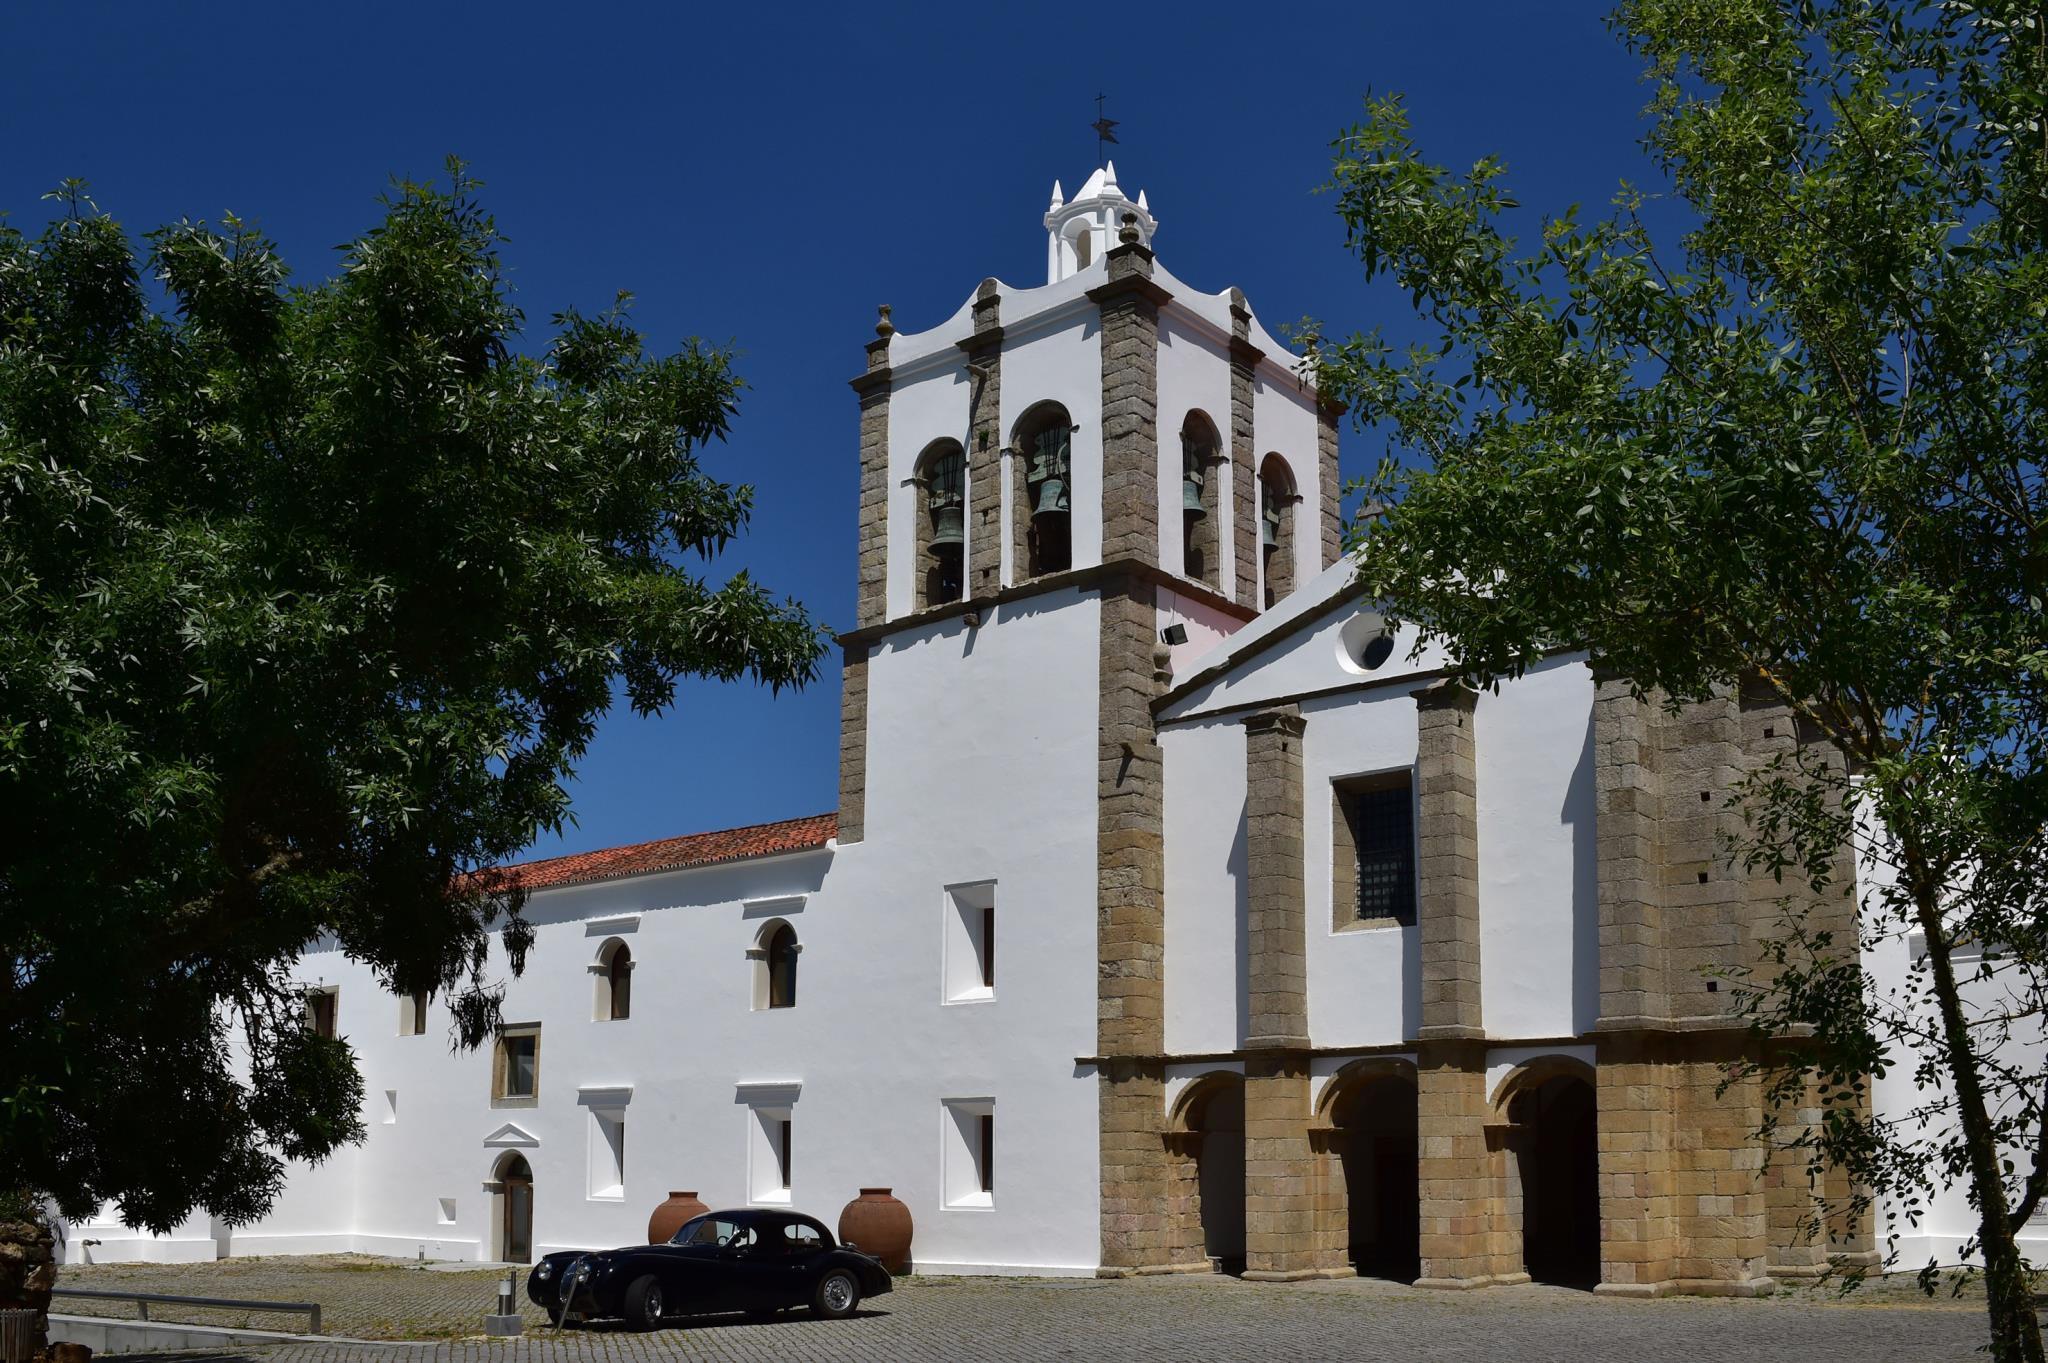 Pousada Convento De Arraiolos   Historic Hotel